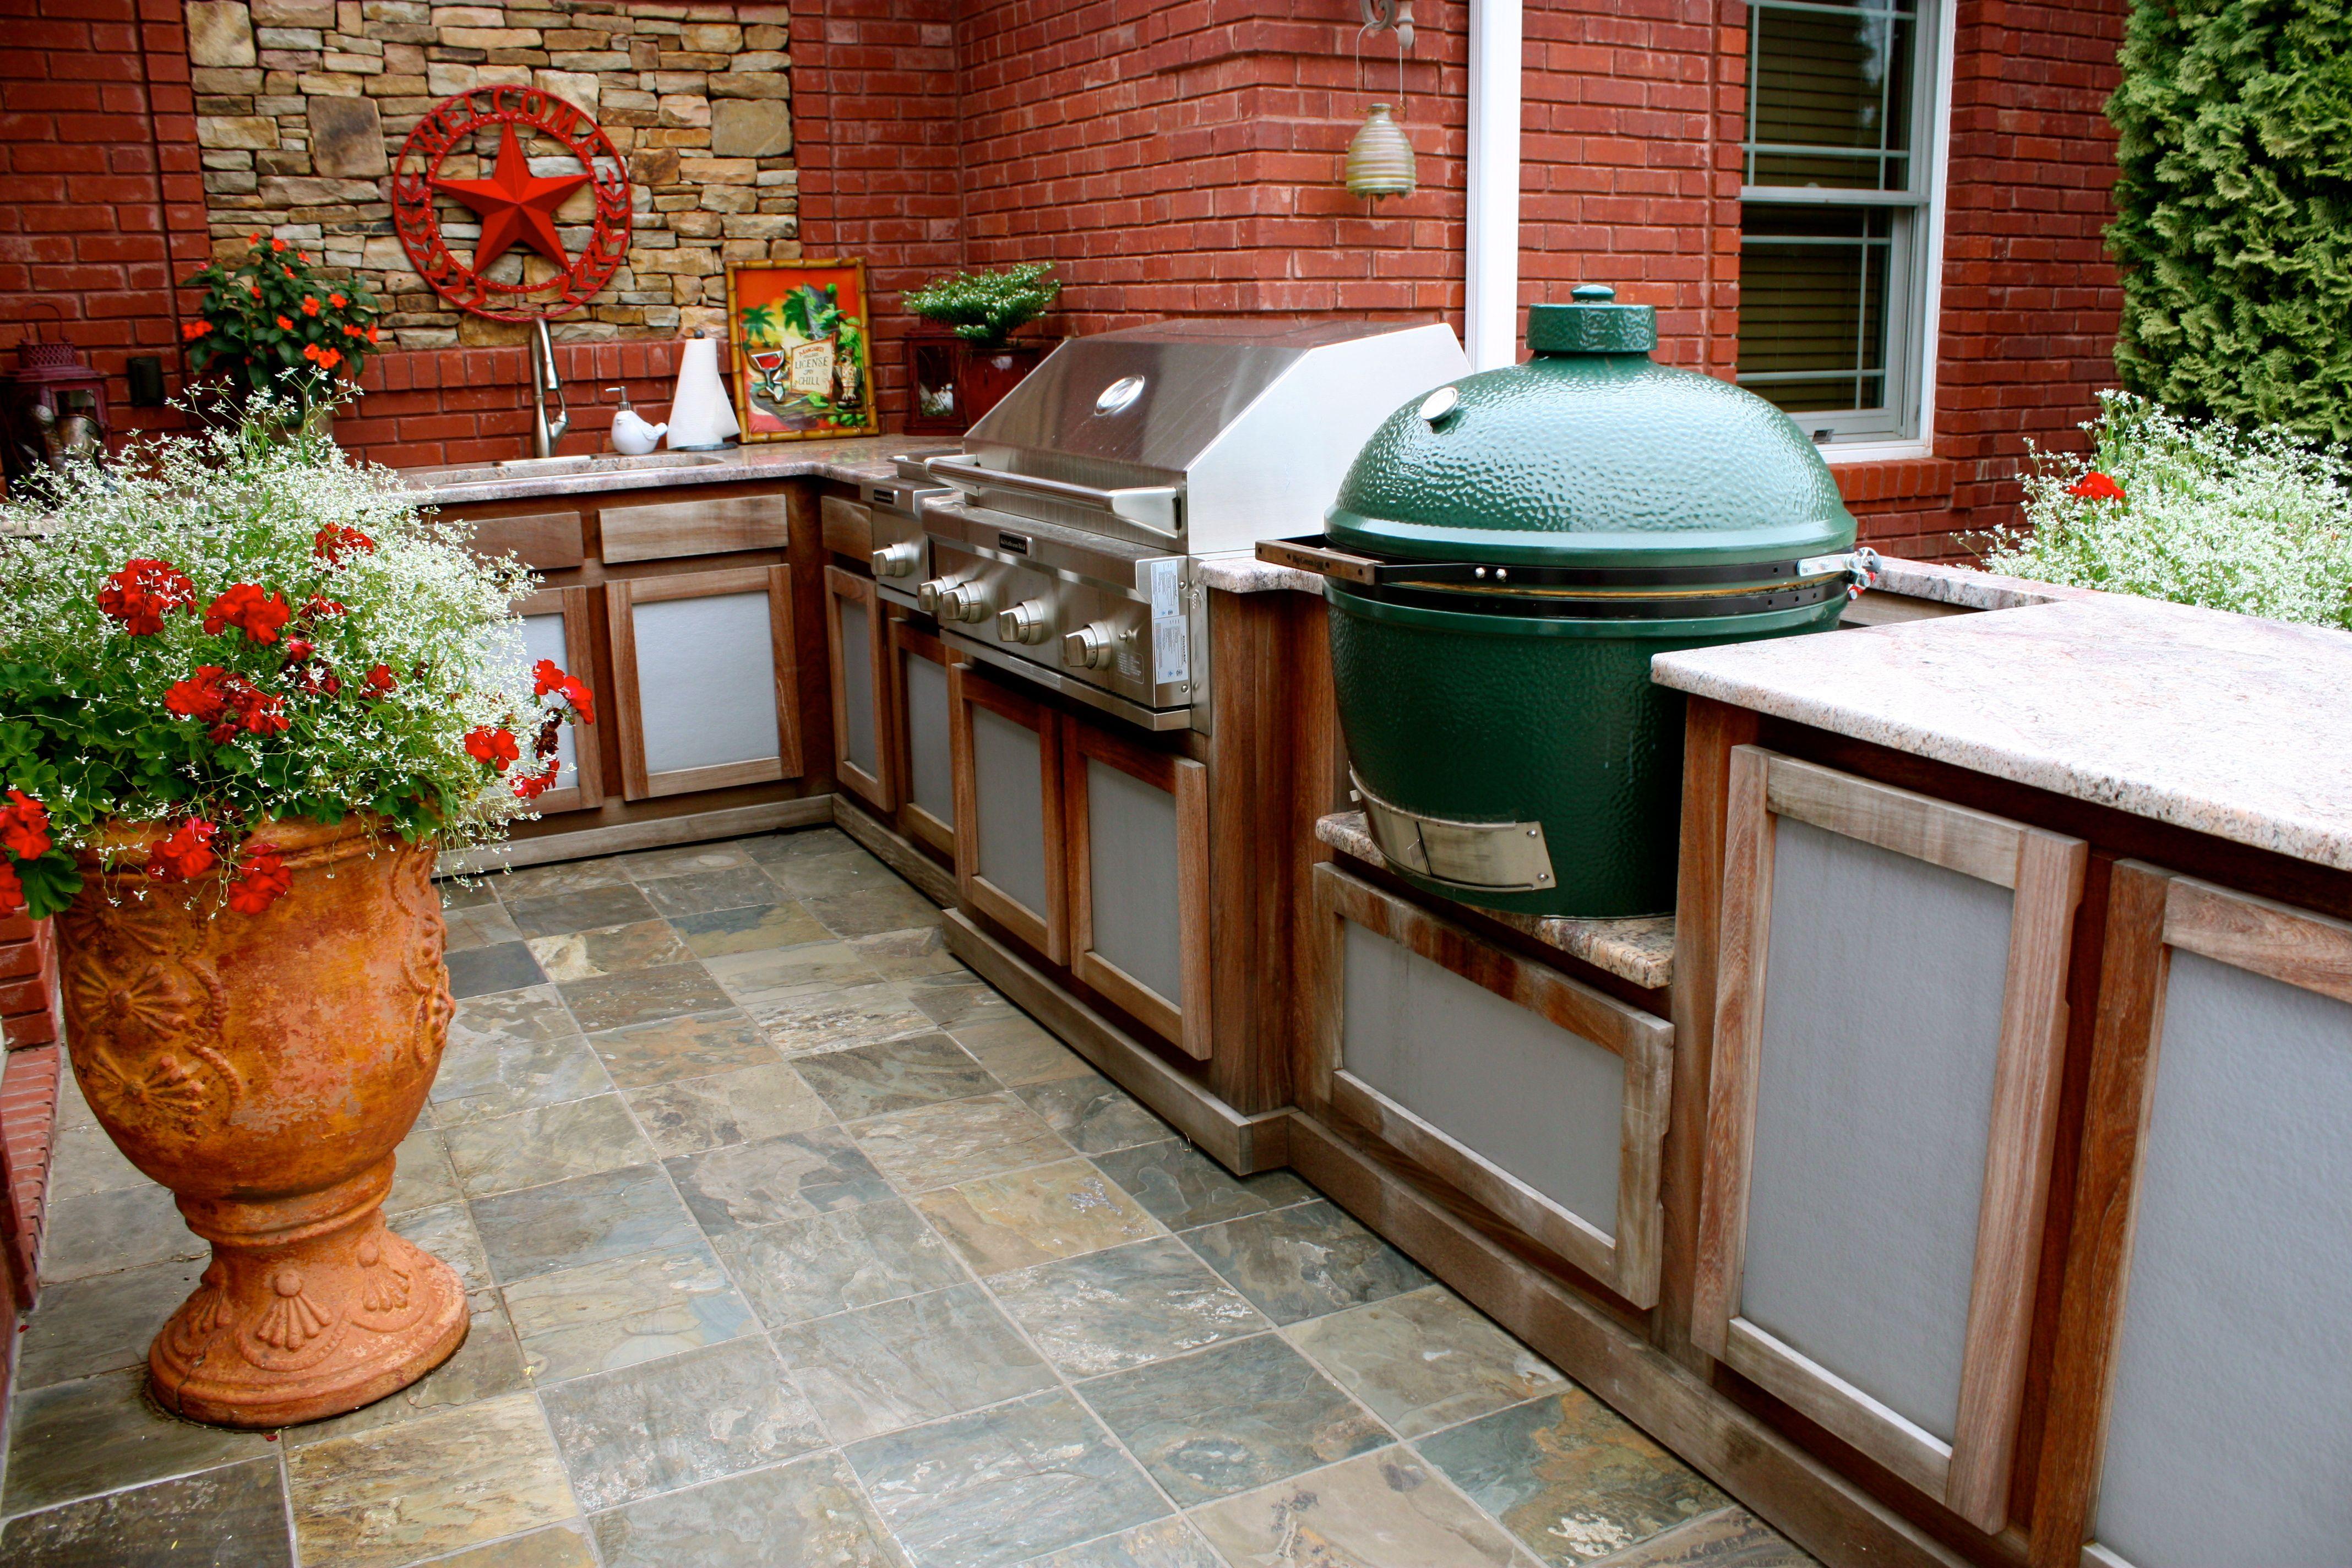 22 Outdoor Kitchen Design Ideas Unique Interior Styles